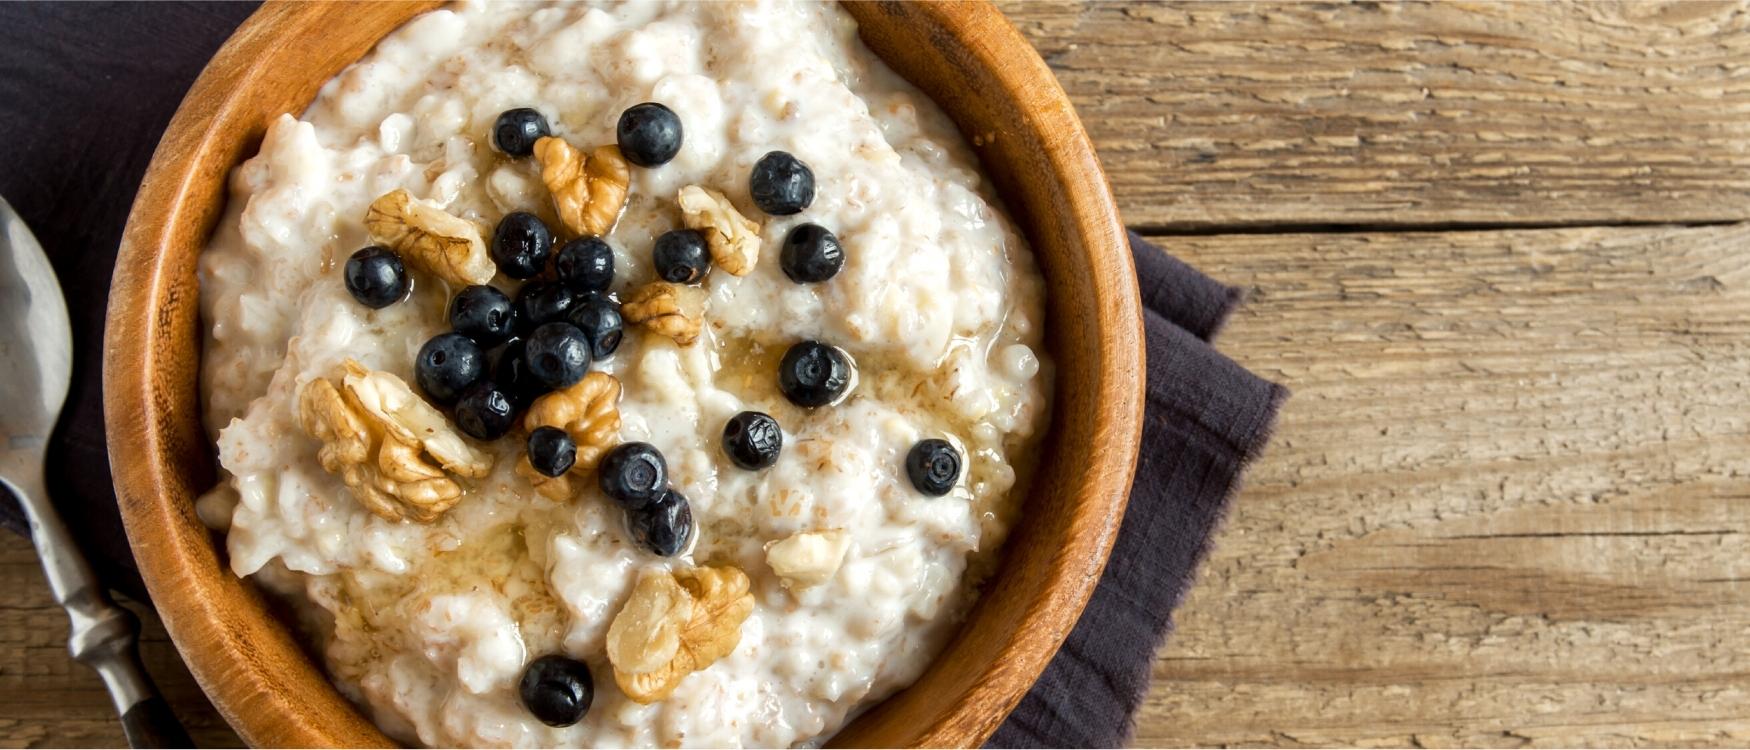 AIP Caluflower Porridge Recipe